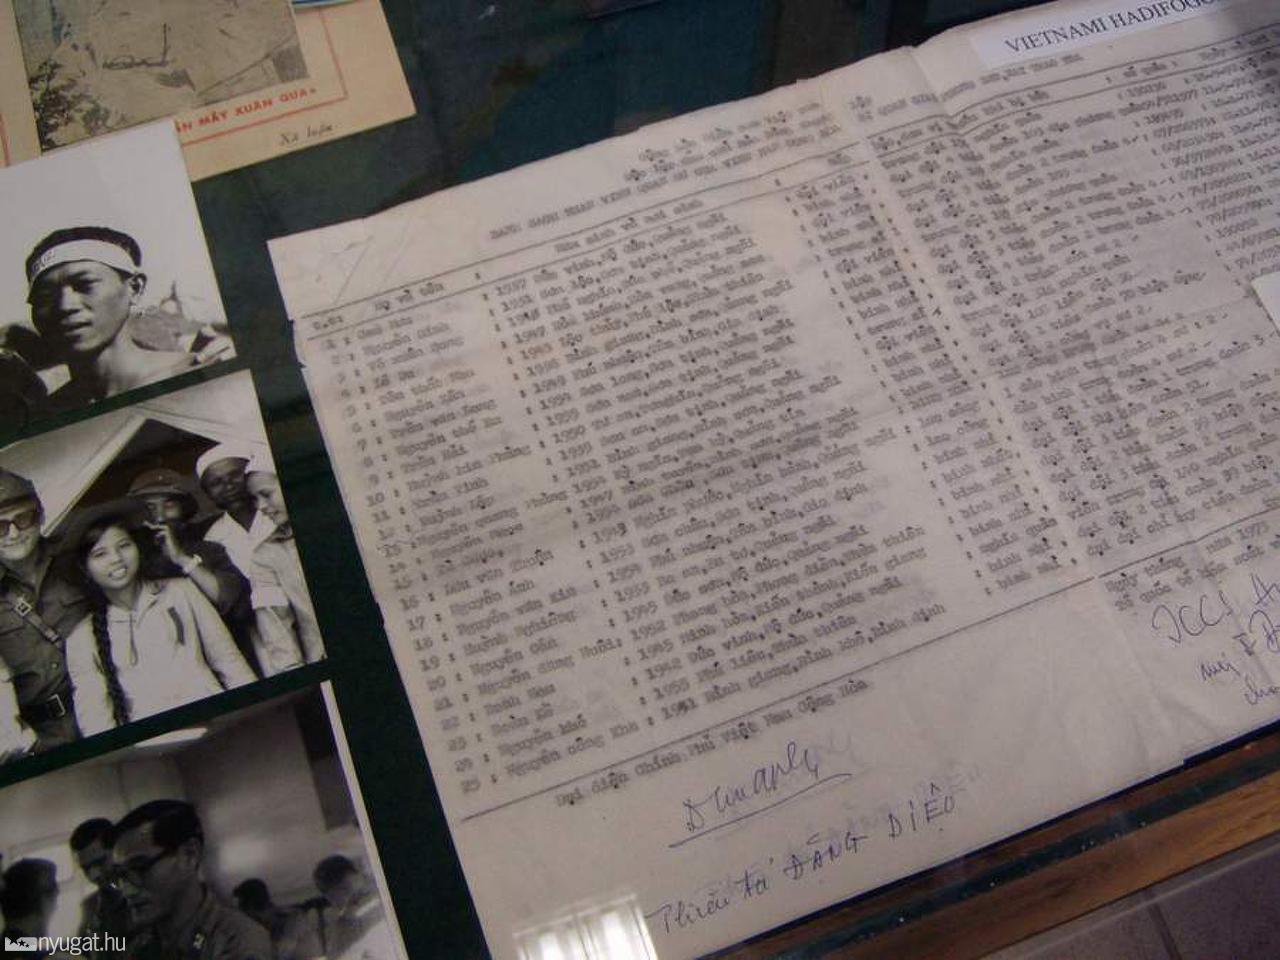 Danh sách những tù binh được trao trả và những tấm ảnh của một thời - Ảnh: nyugat.hu